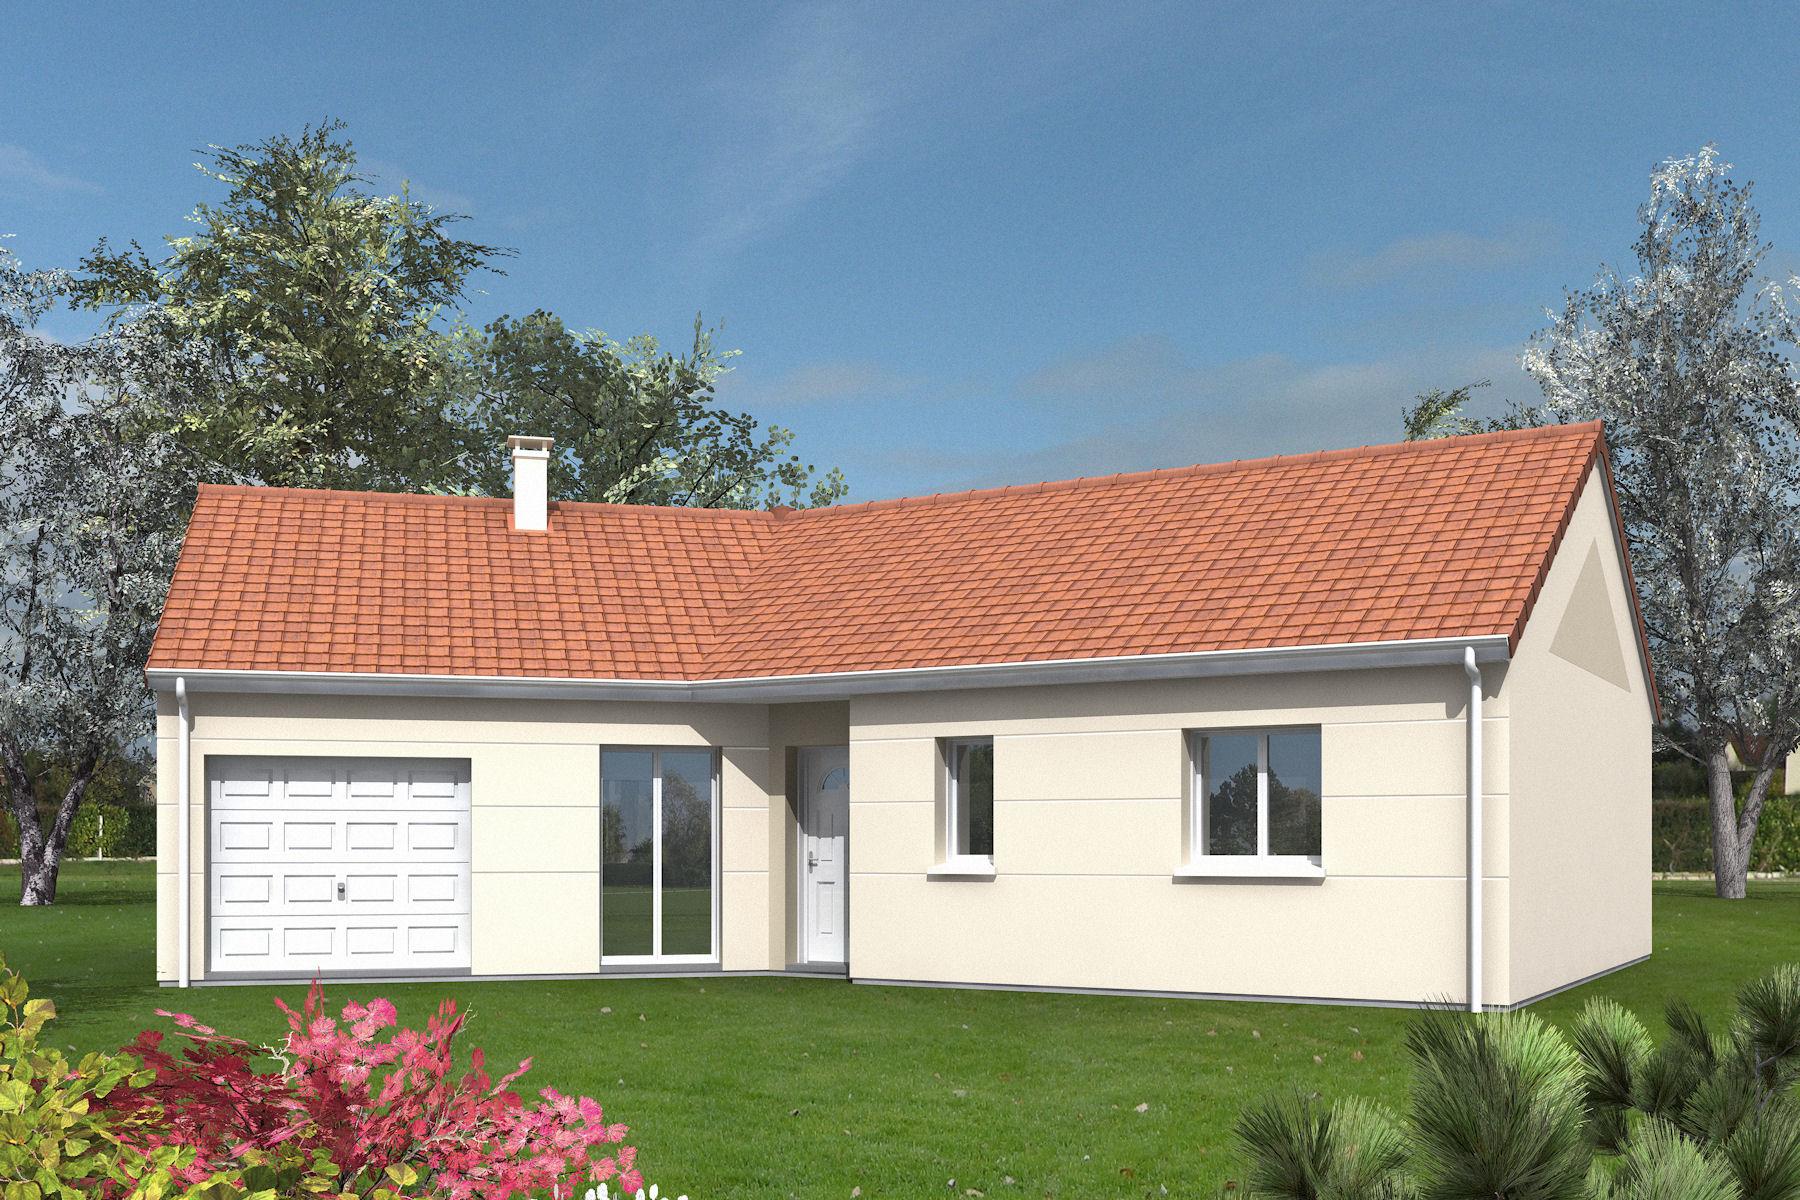 Maisons + Terrains du constructeur MAISONS MIMOSAS • 105 m² • ROSNY SUR SEINE